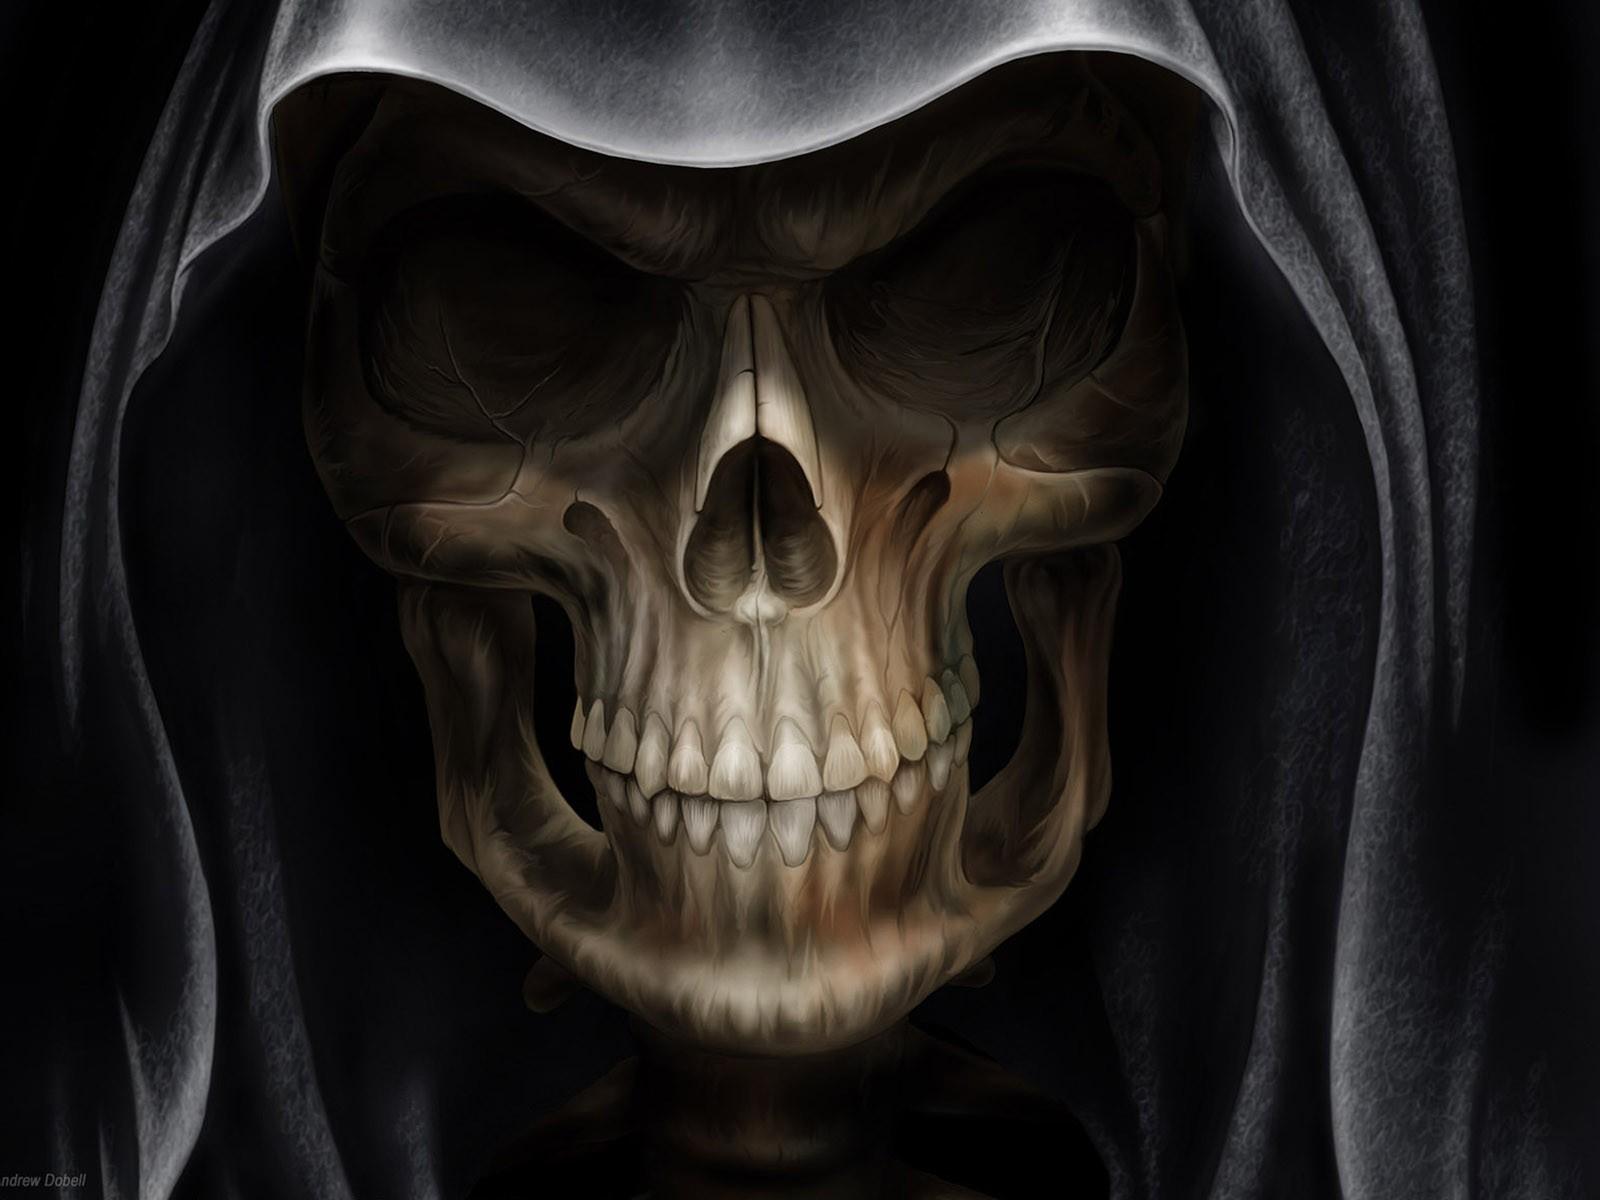 http://2.bp.blogspot.com/_E-lZNg2RGcg/TMM152POfiI/AAAAAAAAAcY/jpxBoYQhCkw/s1600/muerte-1600x1200.jpg